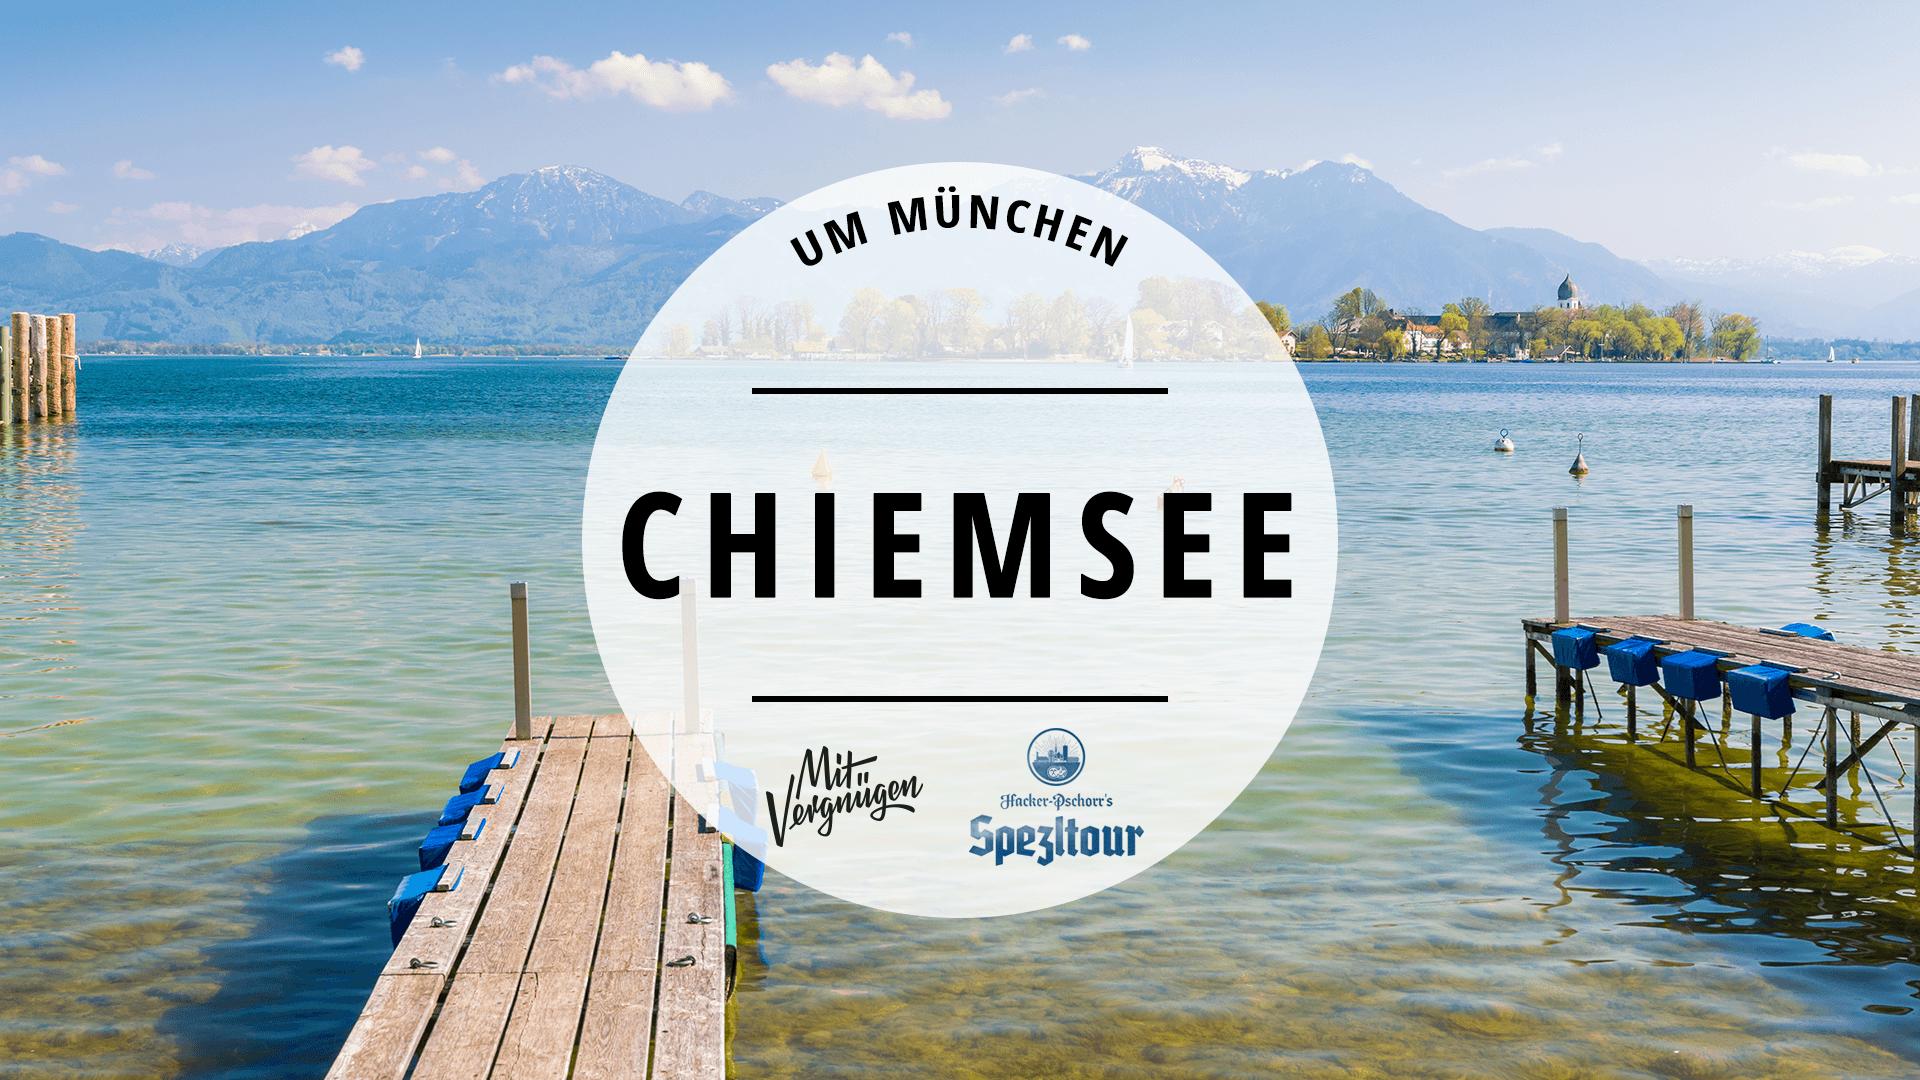 Der Chiemsee Ist Das Meer Der Bayern Die Freizeitmoglichkeiten Sind Unendlich Daher Machen Wir Euch Mit Diesen 11 Tipps Das L Chiemsee Urlaub Chiemsee Bayern